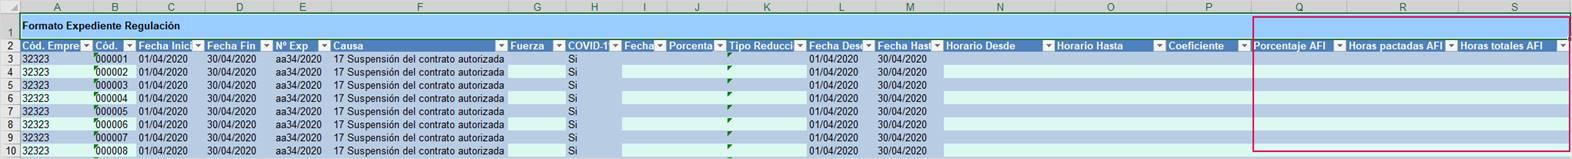 formato 5 expediente regulacion tiempo parcial